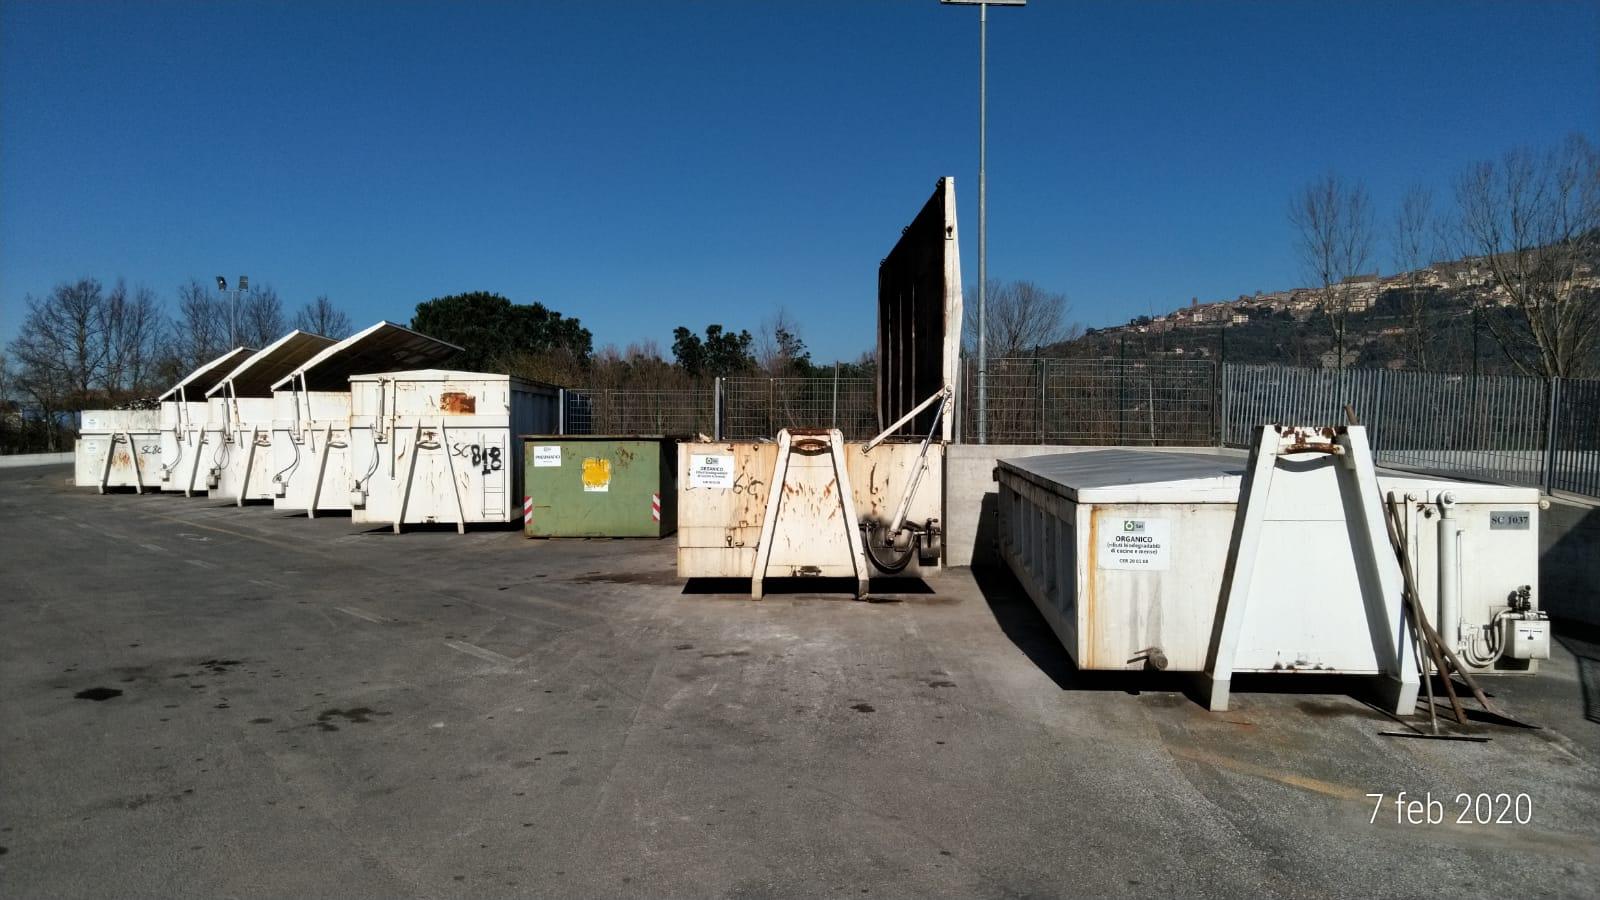 Centro raccolta rifiuti, accessi in aumento anche a Febbraio